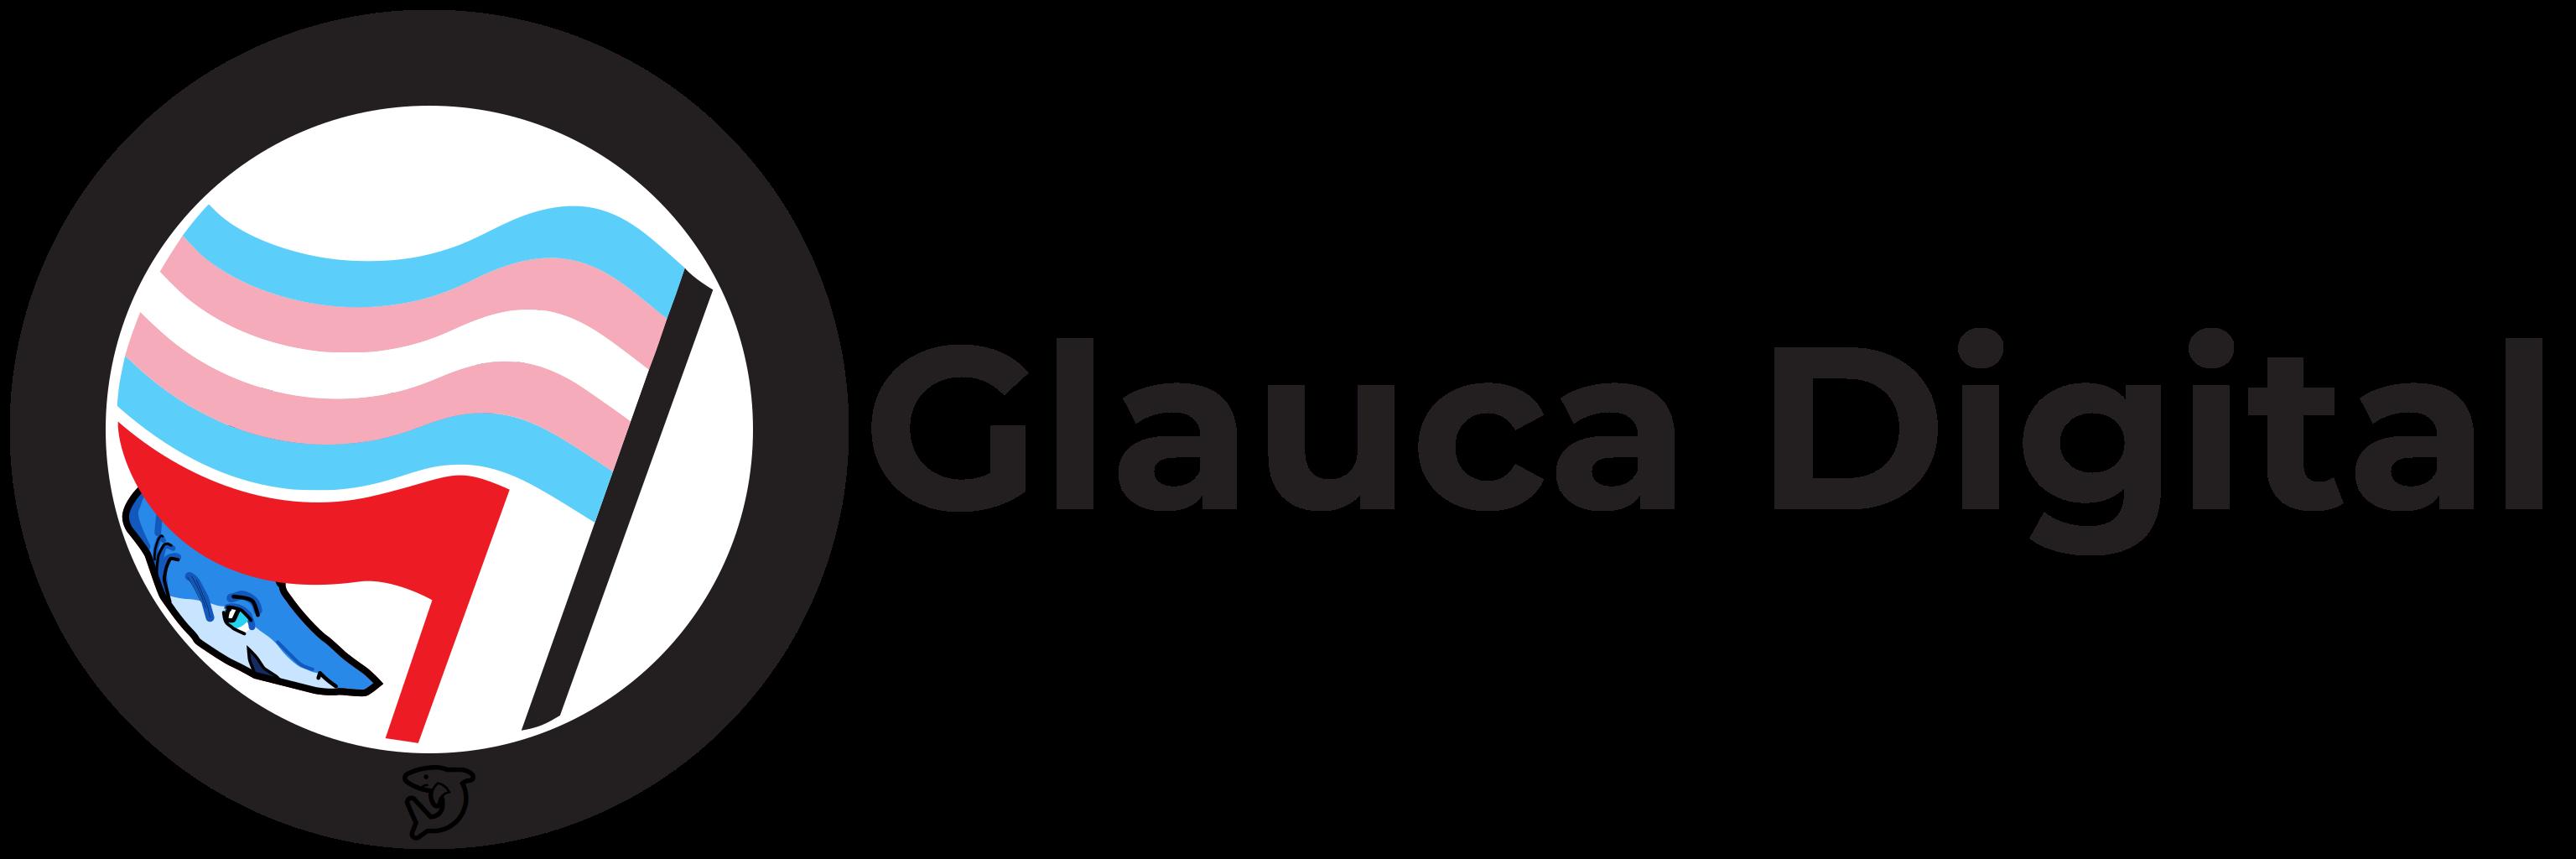 Glauca Digital